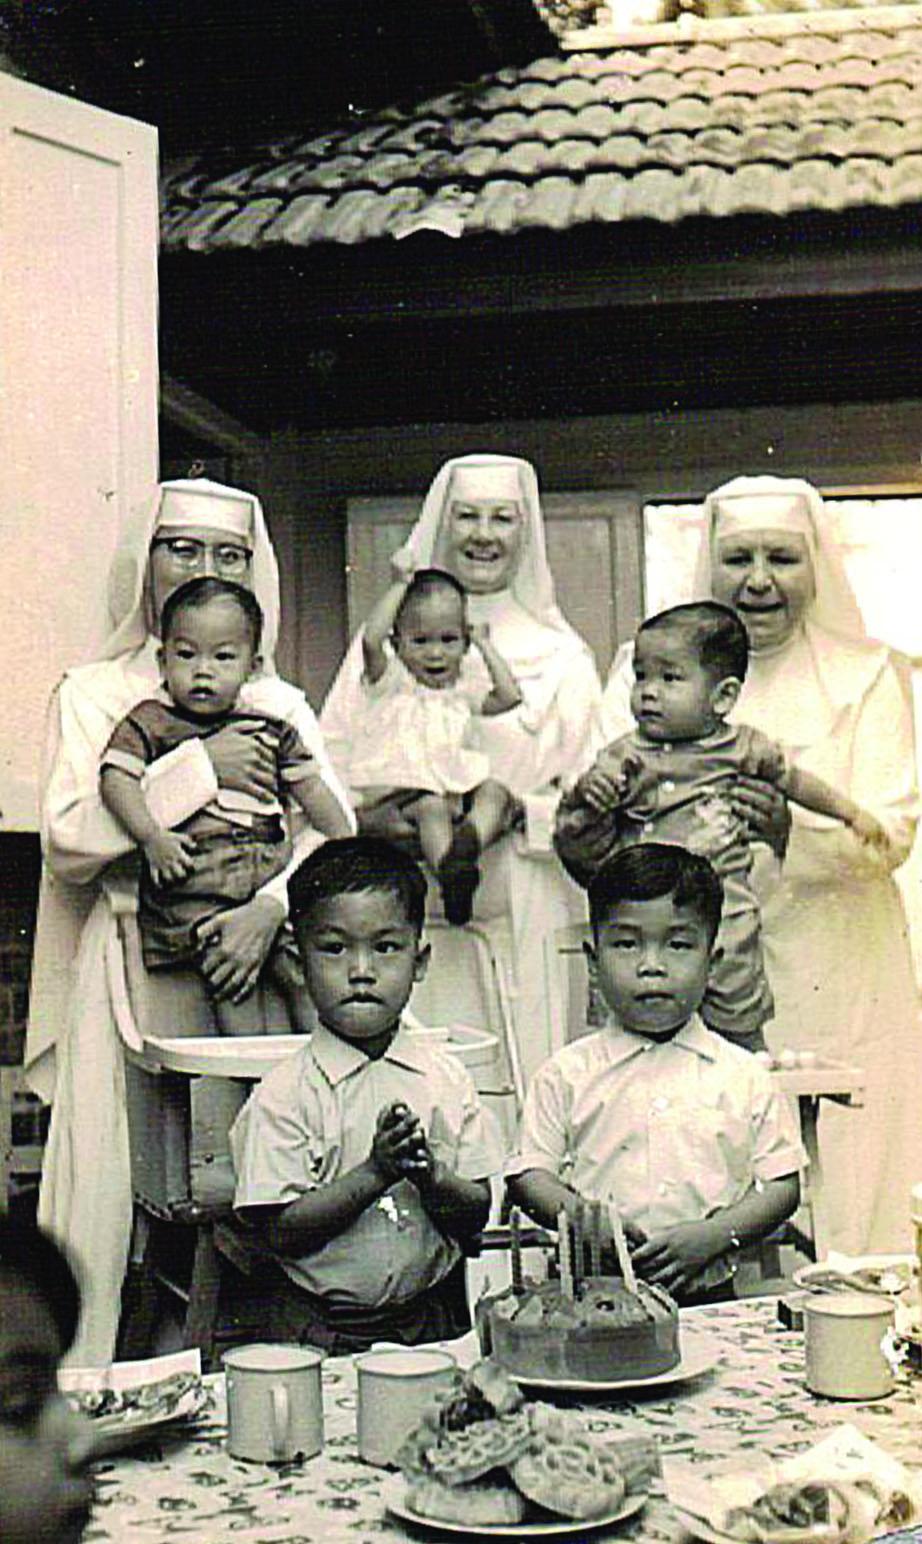 负责照料院民孩子的善牧福利中心修女。(照片由黄健在提供)